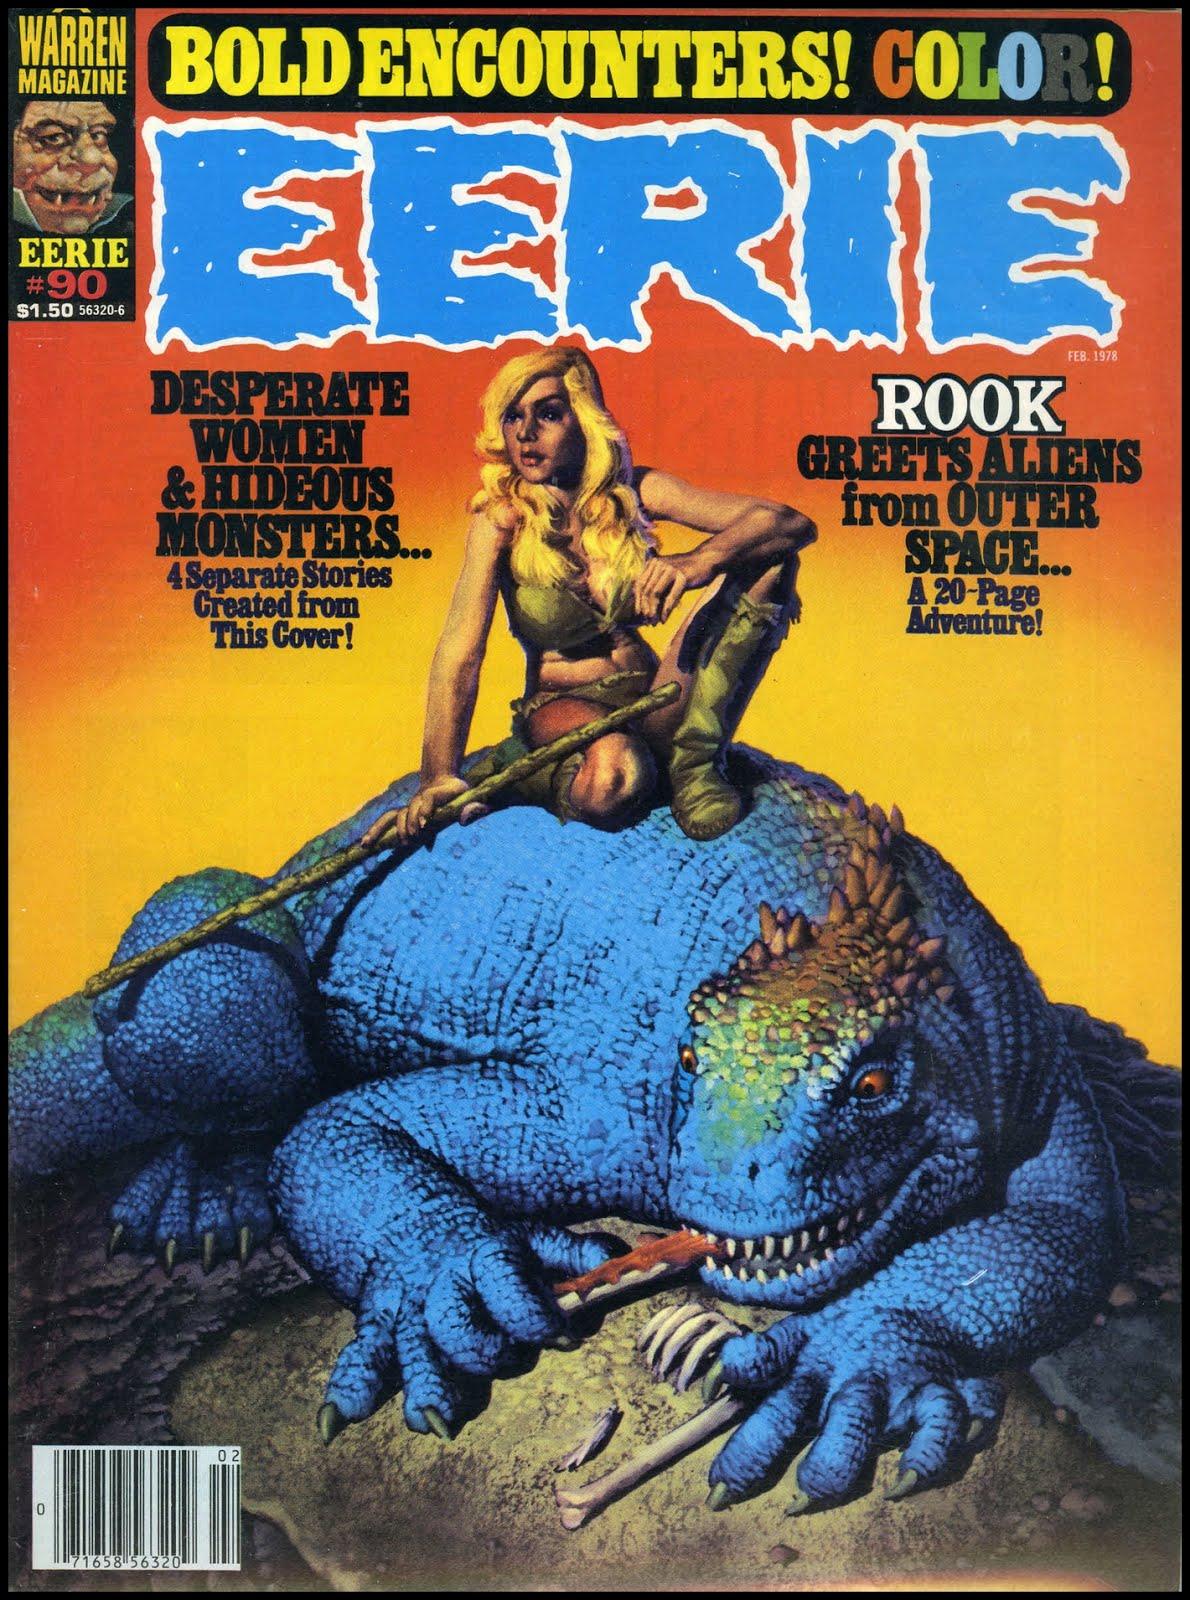 Fantasy Ink: Corben Eerie Covers